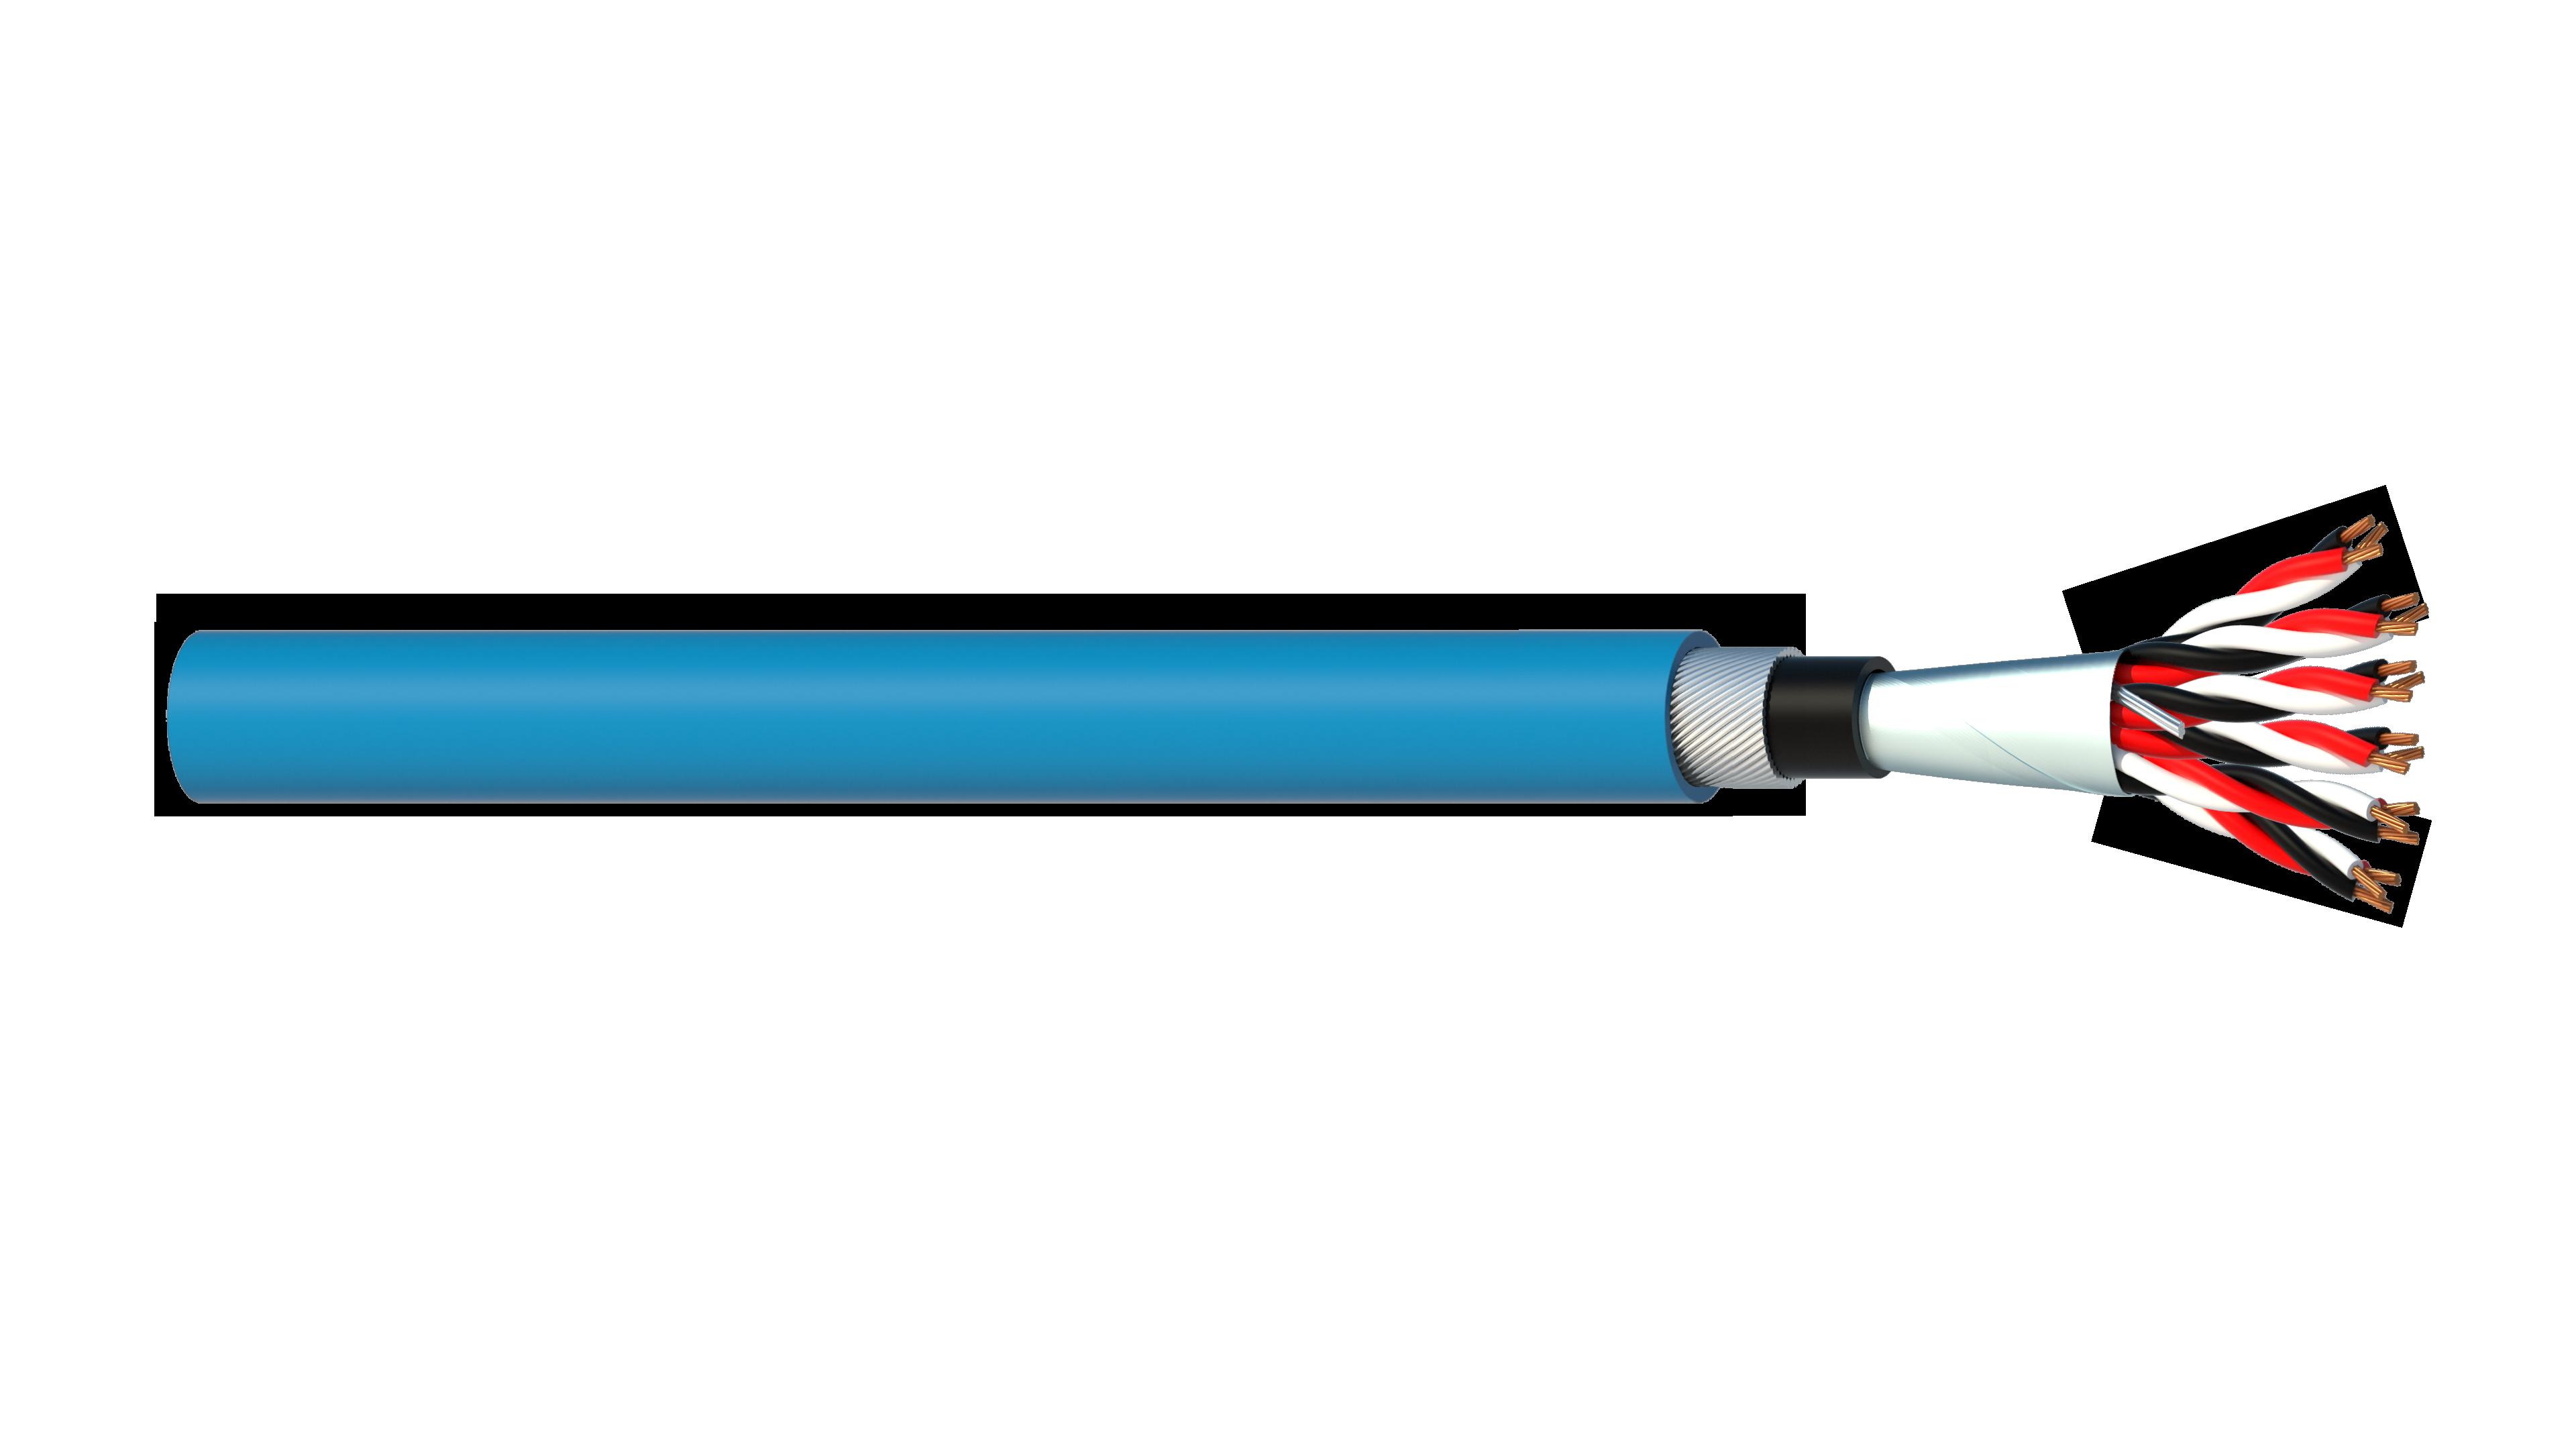 6 Triad 1.5mm2 Cu/PVC/OS/PVC/SWA/PVC Maser Instrumentation Cable - Blue Sheath